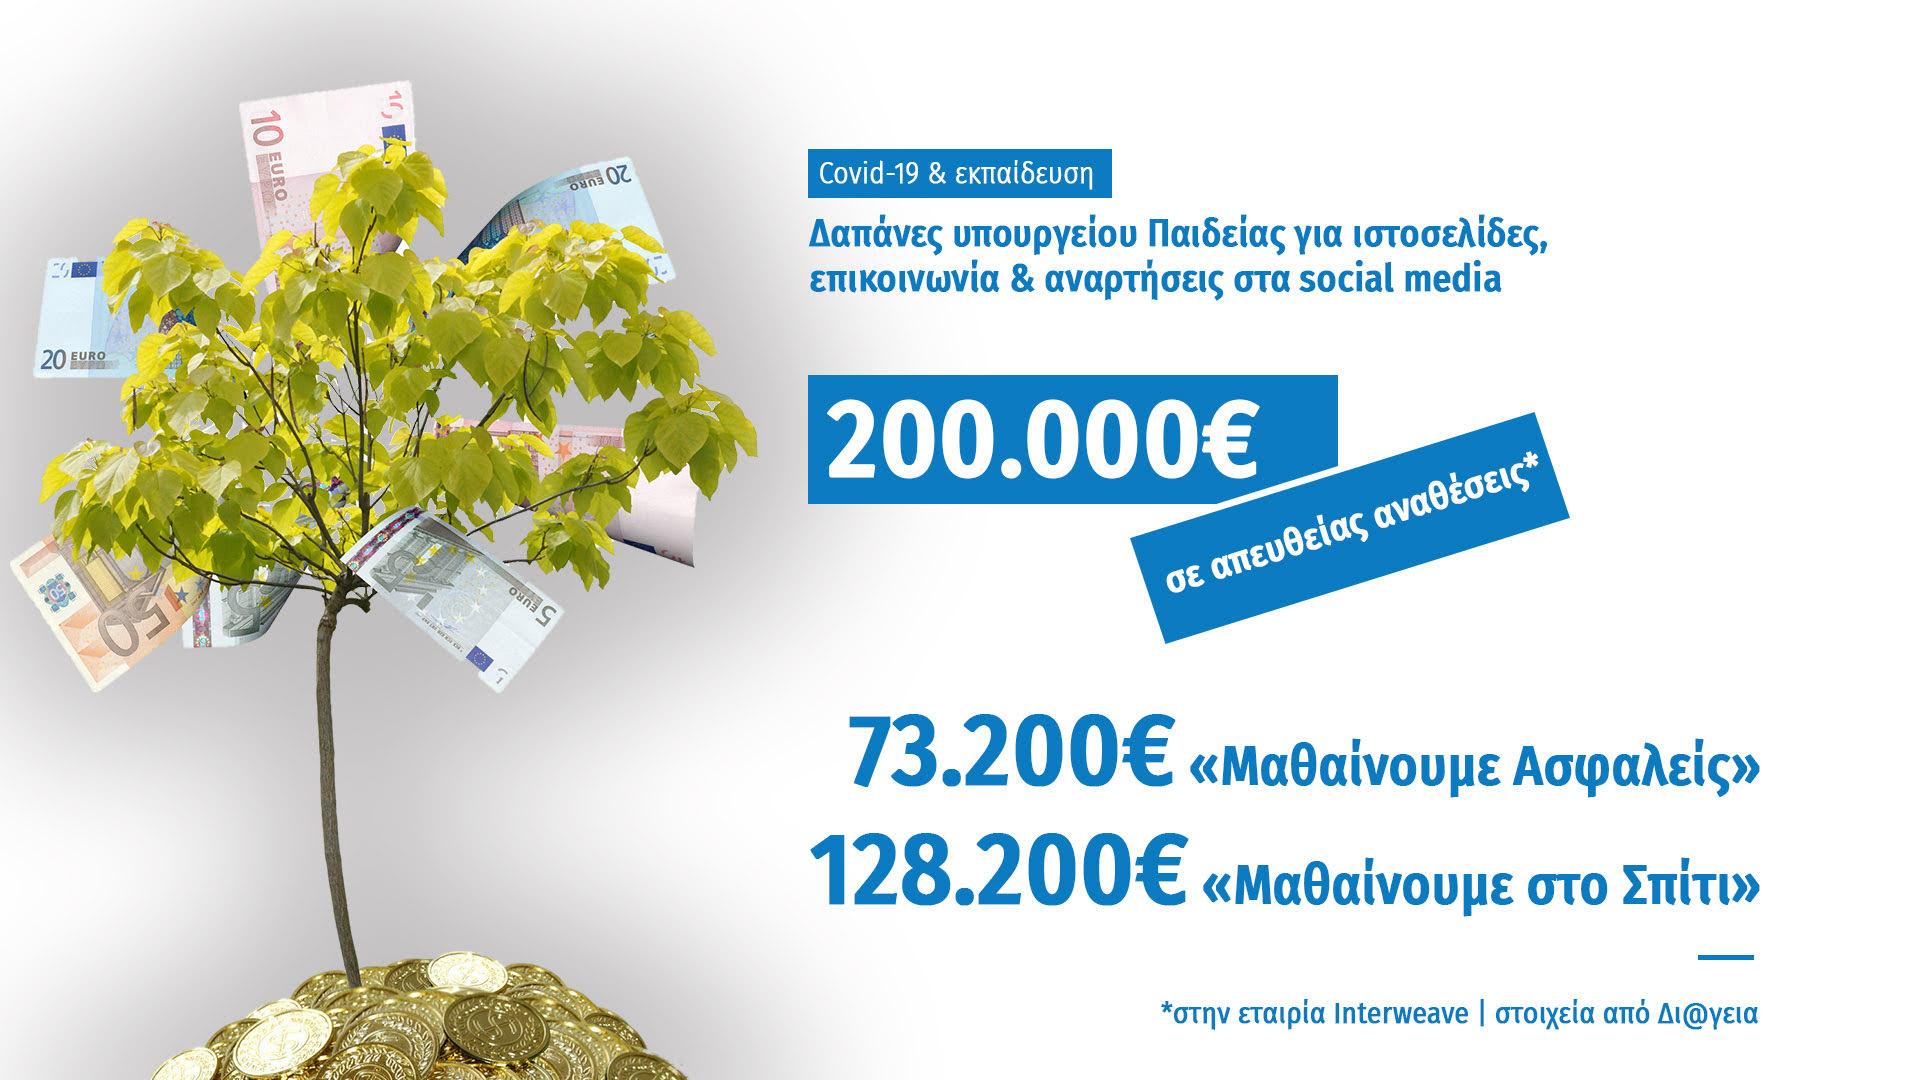 ΣΥΡΙΖΑ: 73.000 ευρώ για την καμπάνια «Μαθαίνουμε Ασφαλείς» - Τα λεφτόδεντρα υπάρχουν και ευδοκιμούν